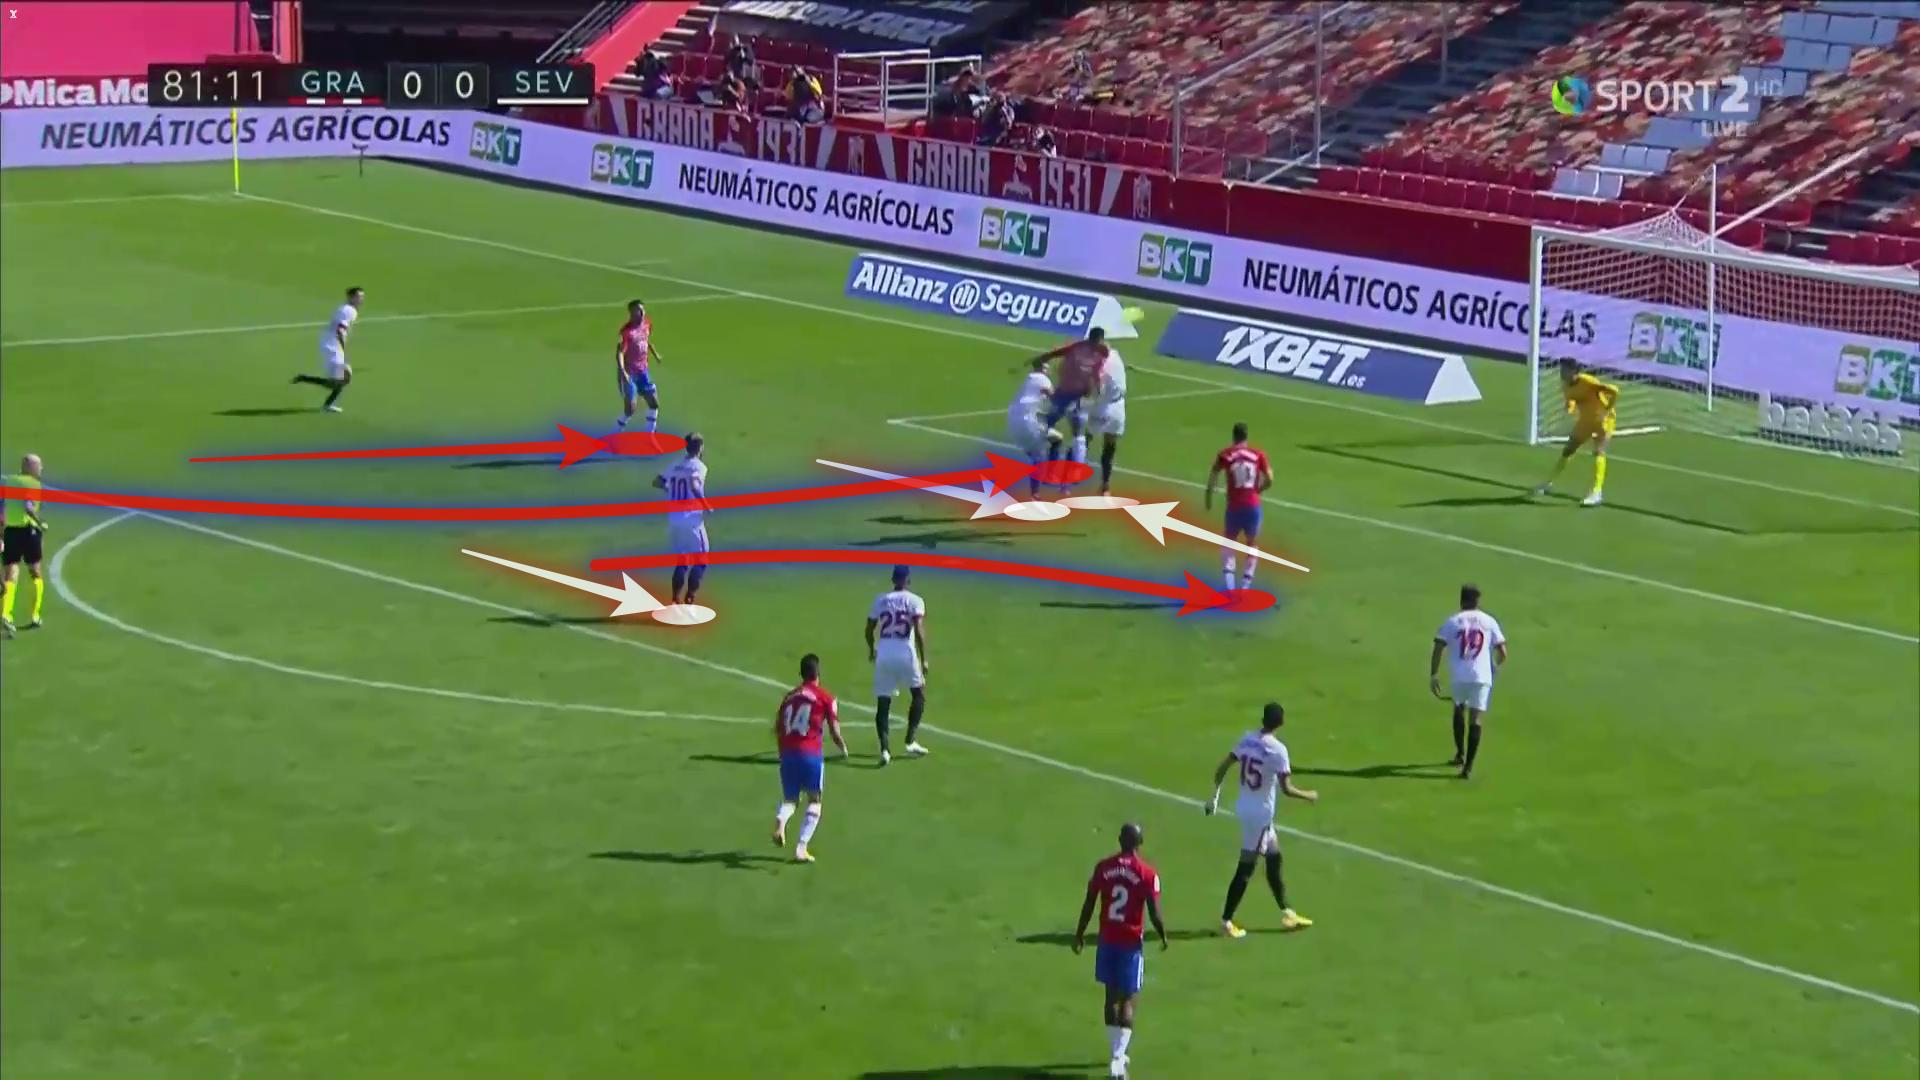 La Liga 2020/21: Granada vs Sevilla - tactical analysis tactics